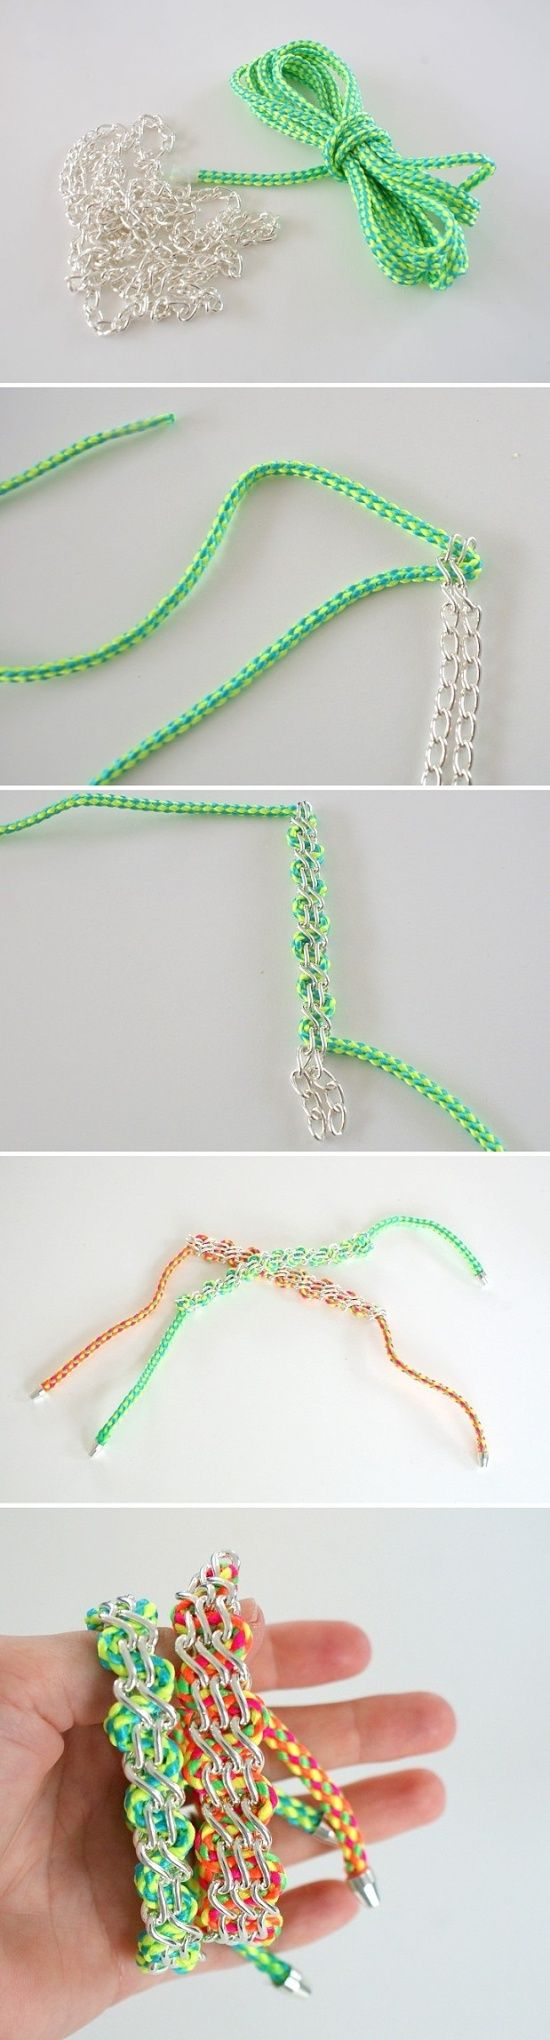 best bracelets to make images on pinterest